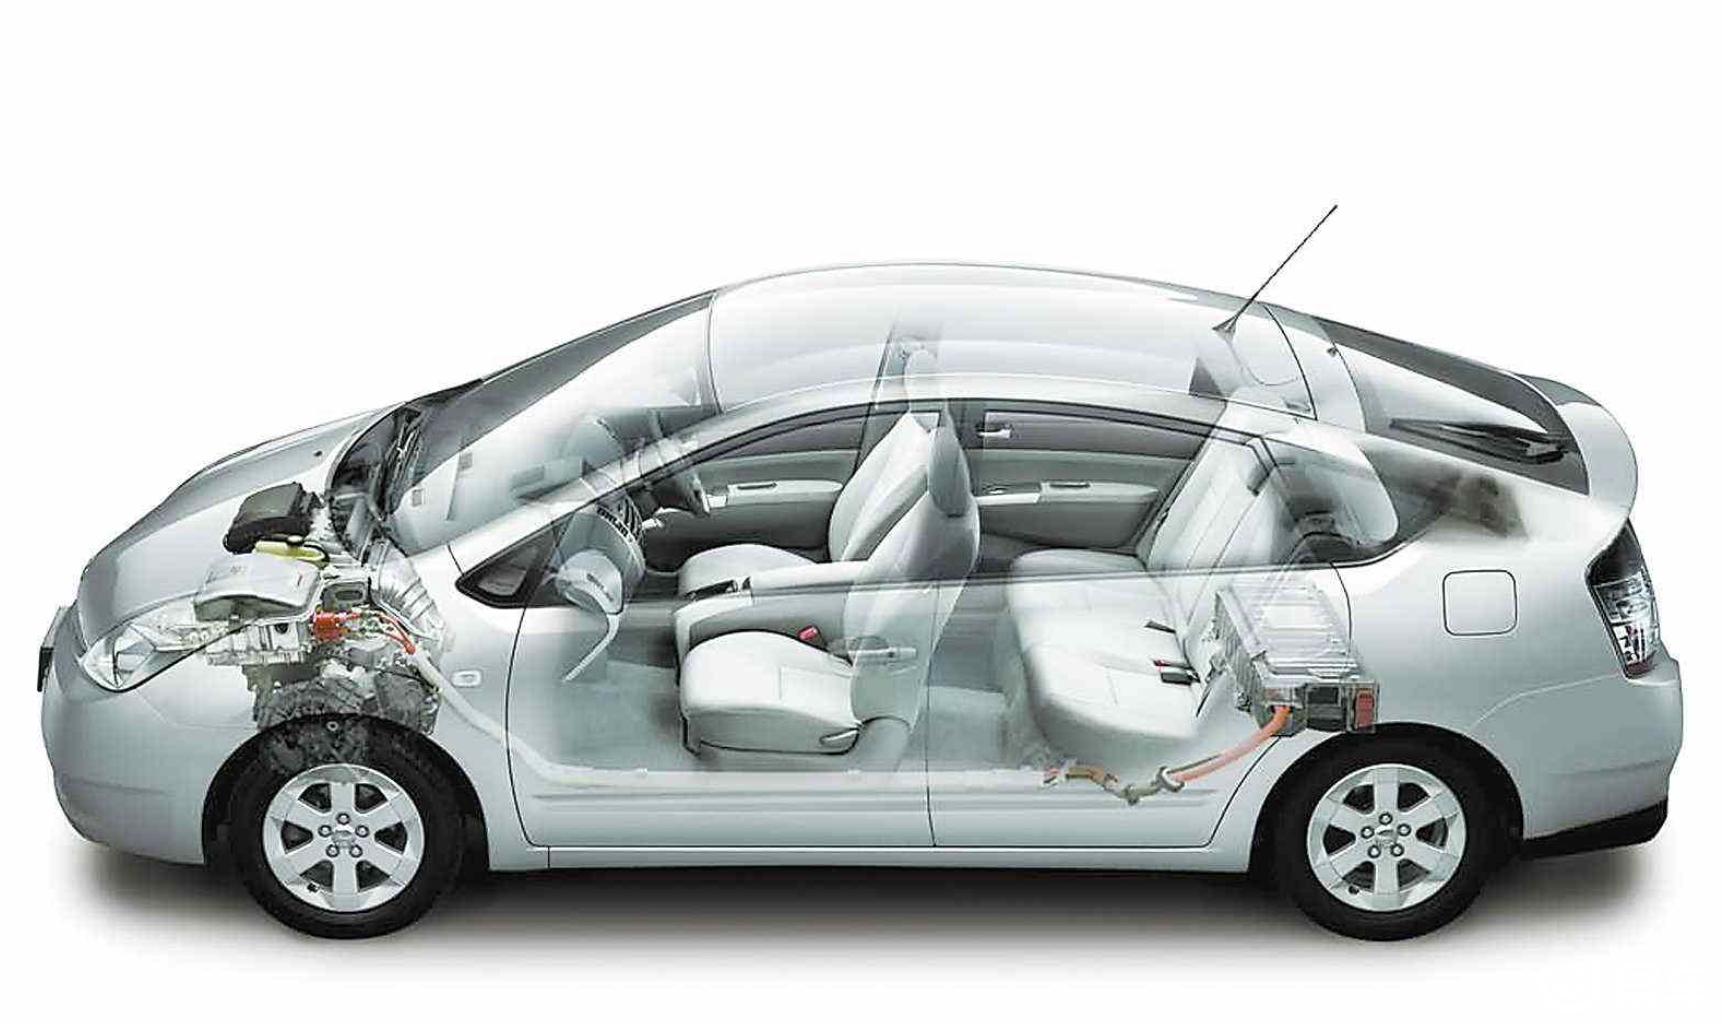 部分人拒绝国产电动汽车的原因是什么?